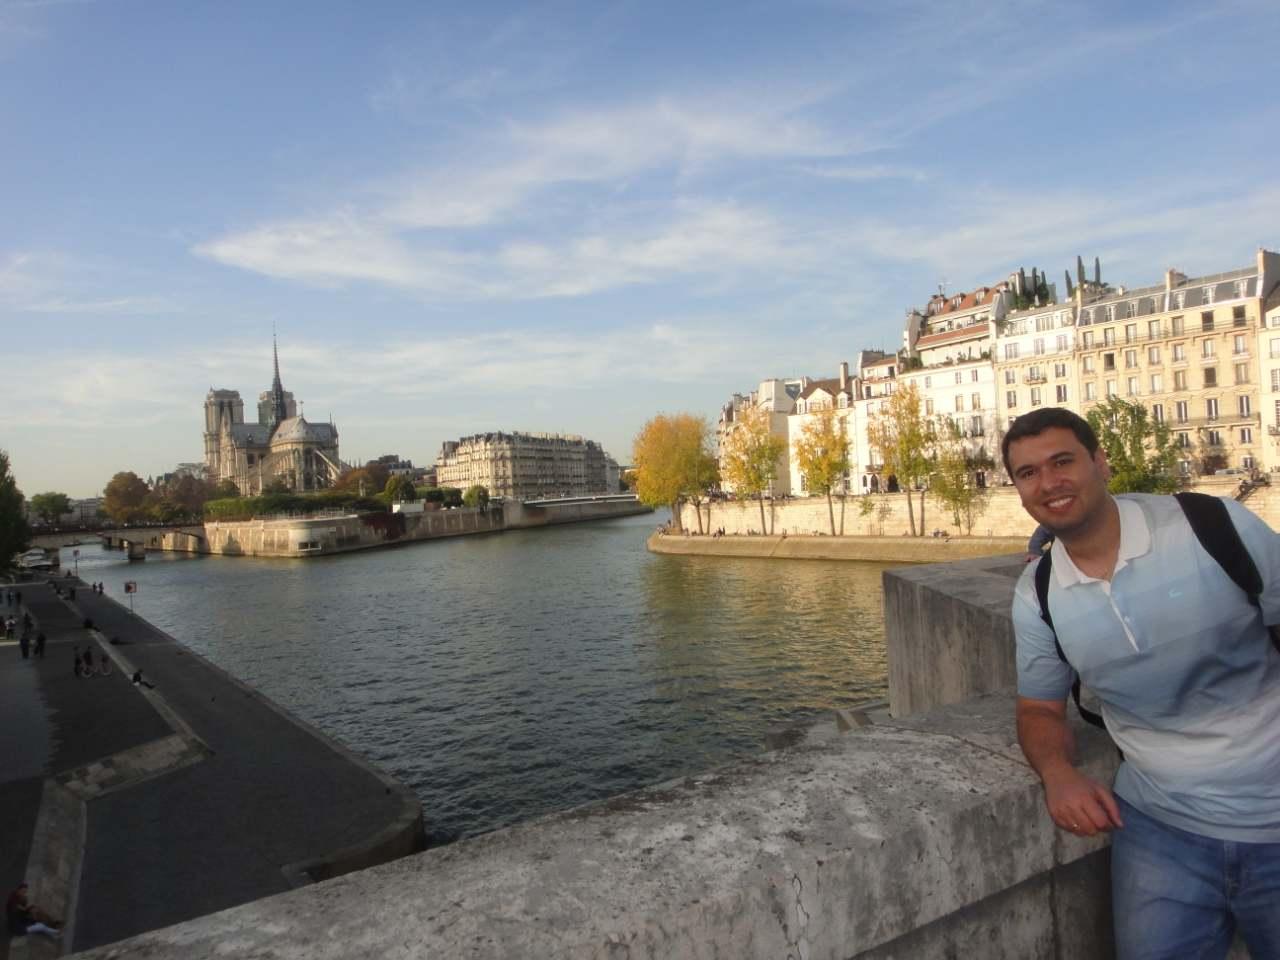 Turista em foto com o Rio Sena e a Notre Dame ao fundo